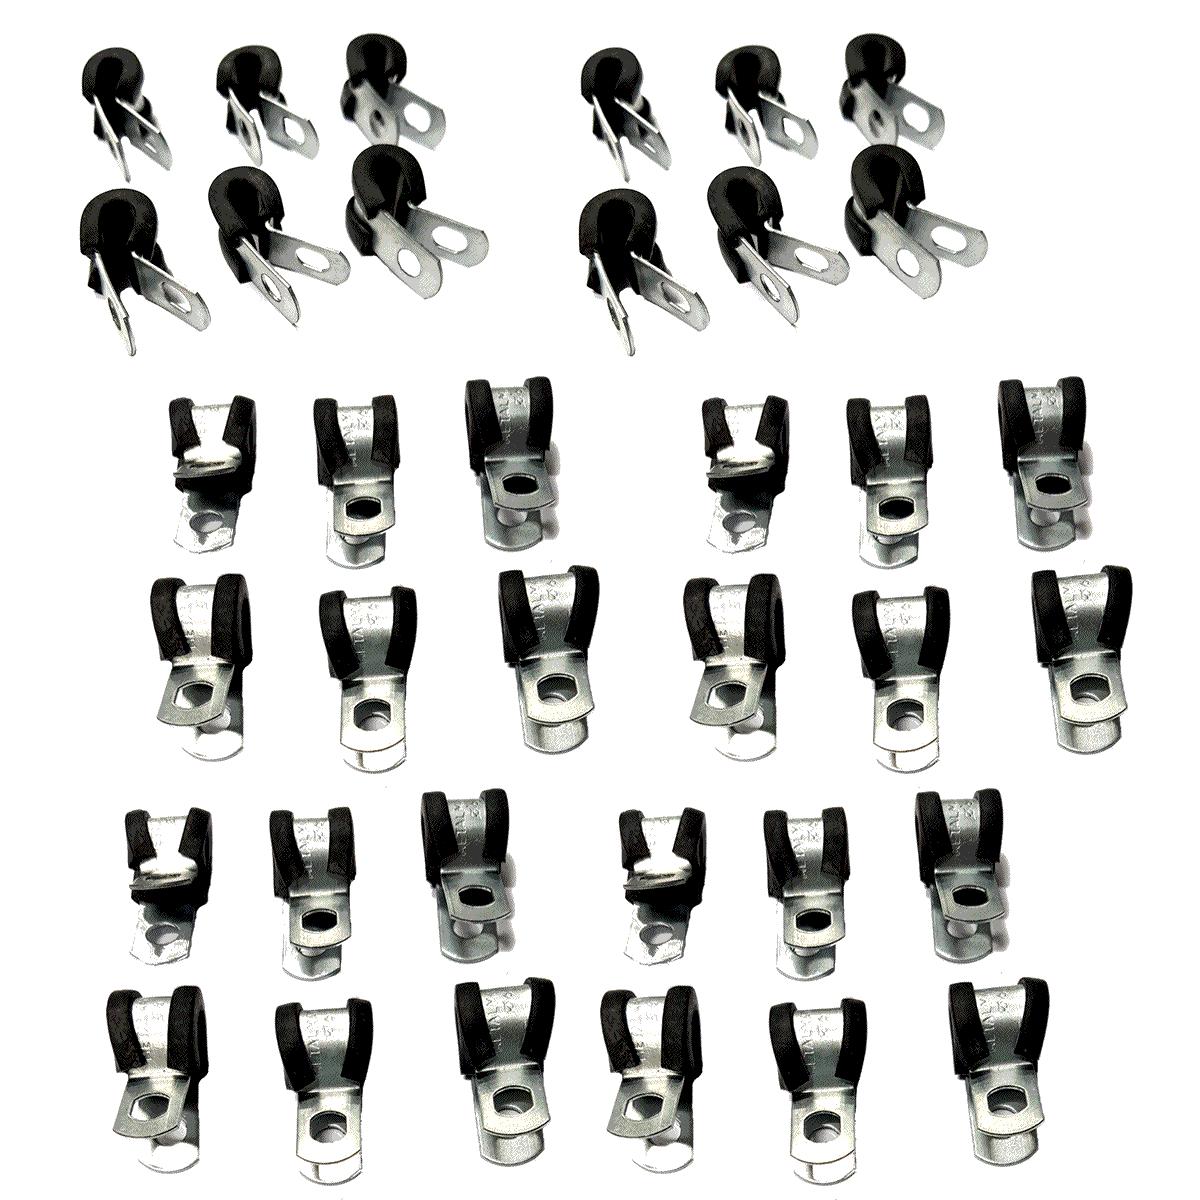 36 Abraçadeiras Metálicas com Borracha para Tubo de Alta